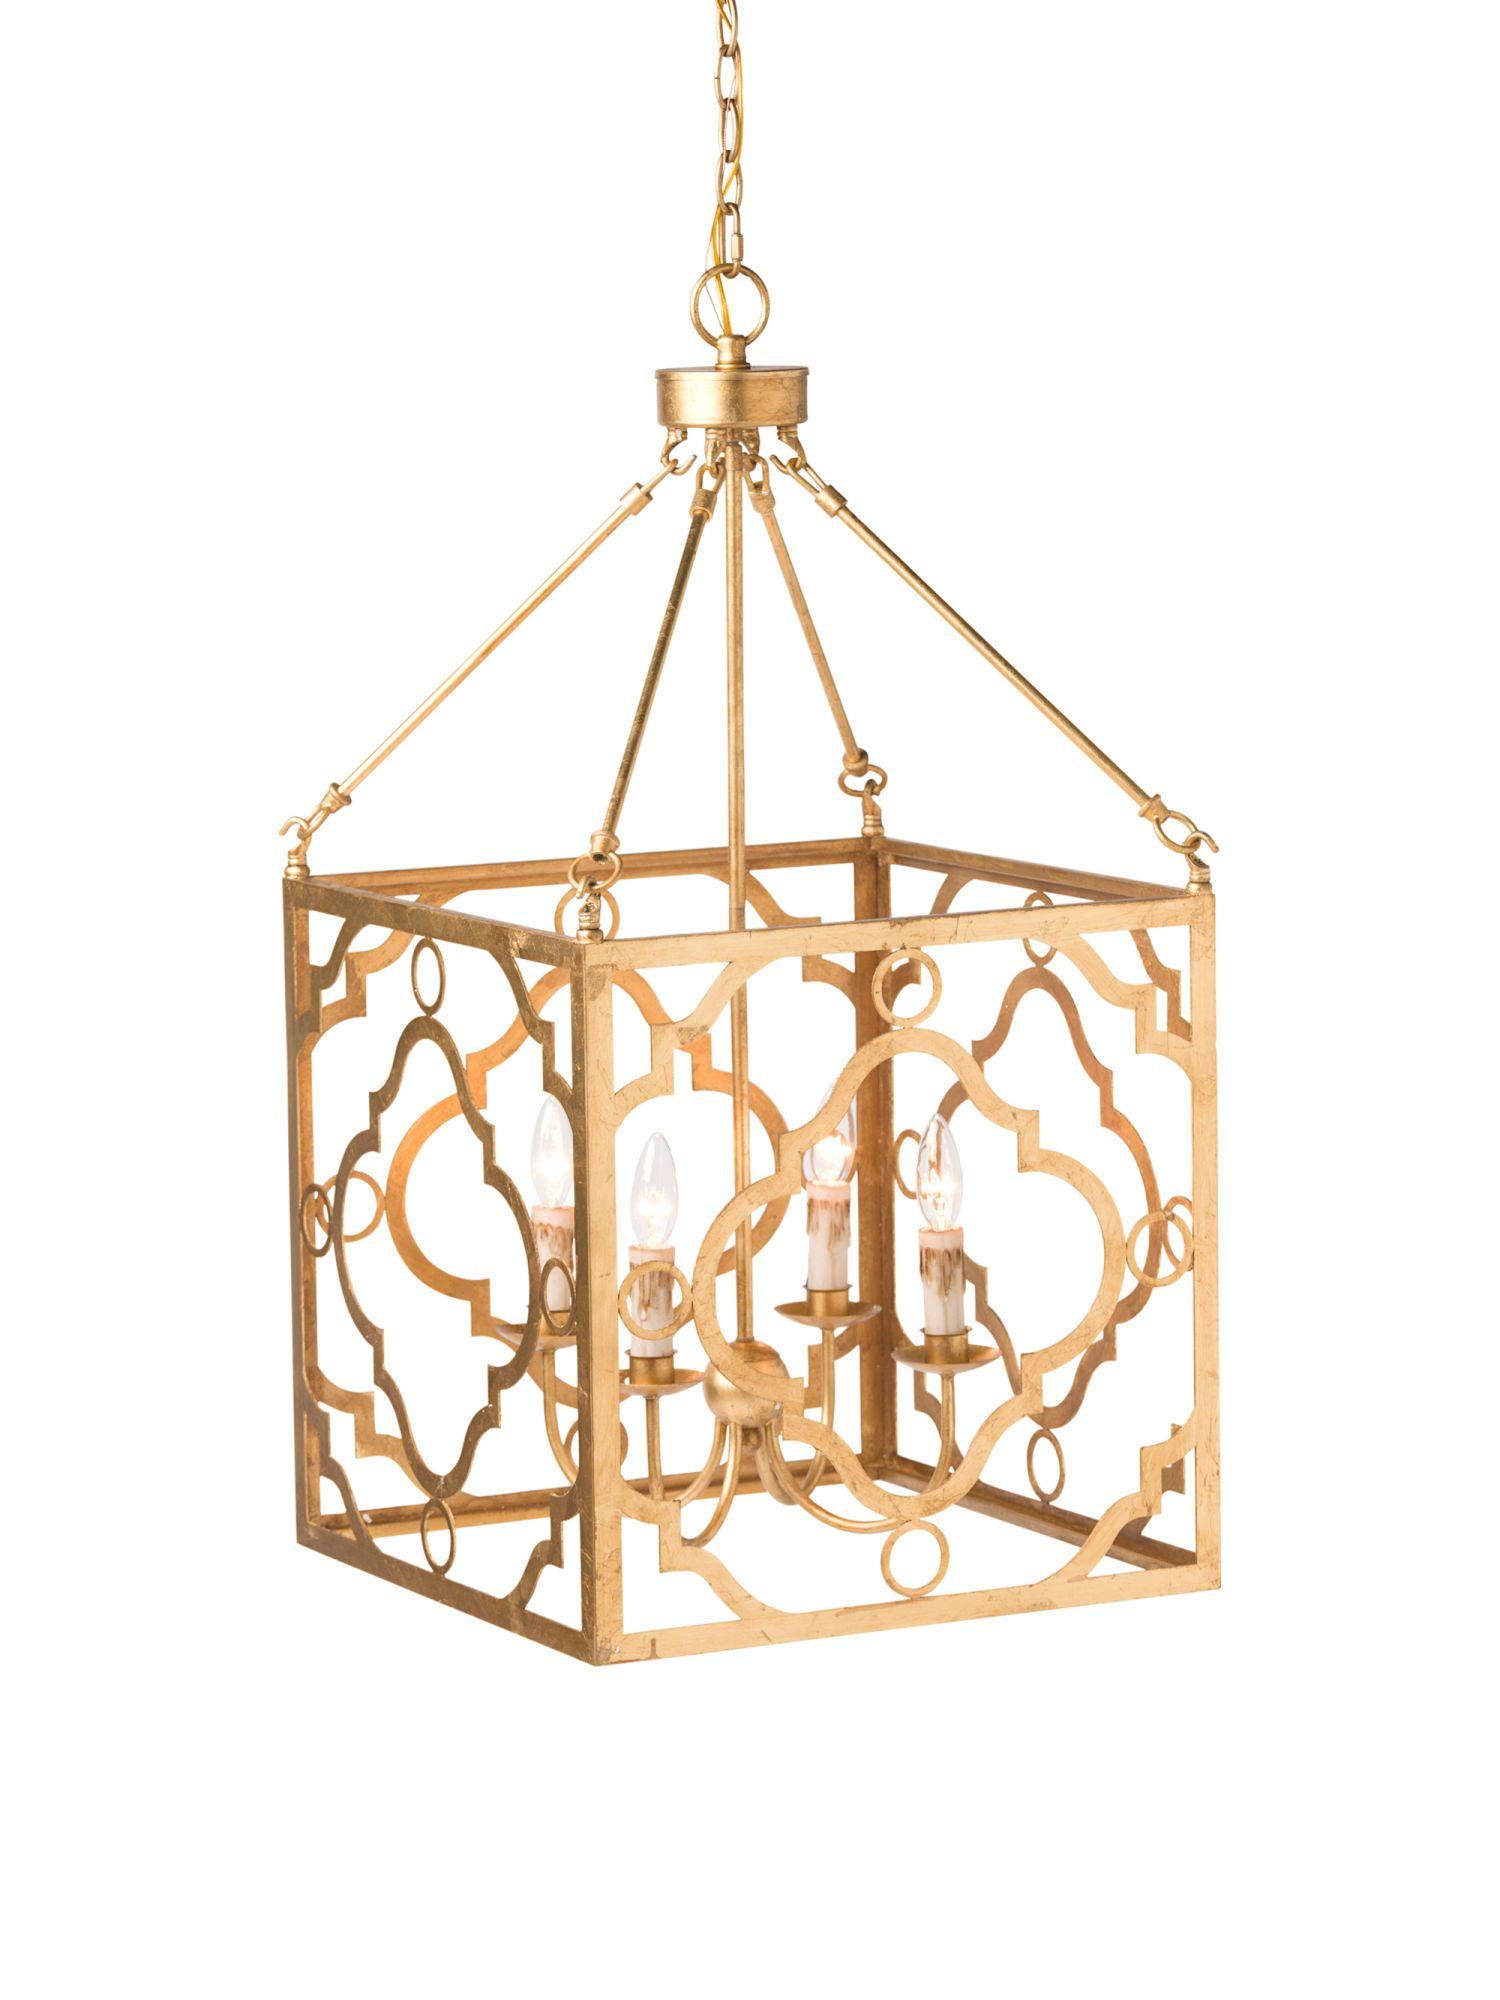 Soleil Cube Pendant - Home - T.J.Maxx  sc 1 st  Pinterest & Soleil Cube Pendant - Home - T.J.Maxx | C A S I T A N U E V A ...